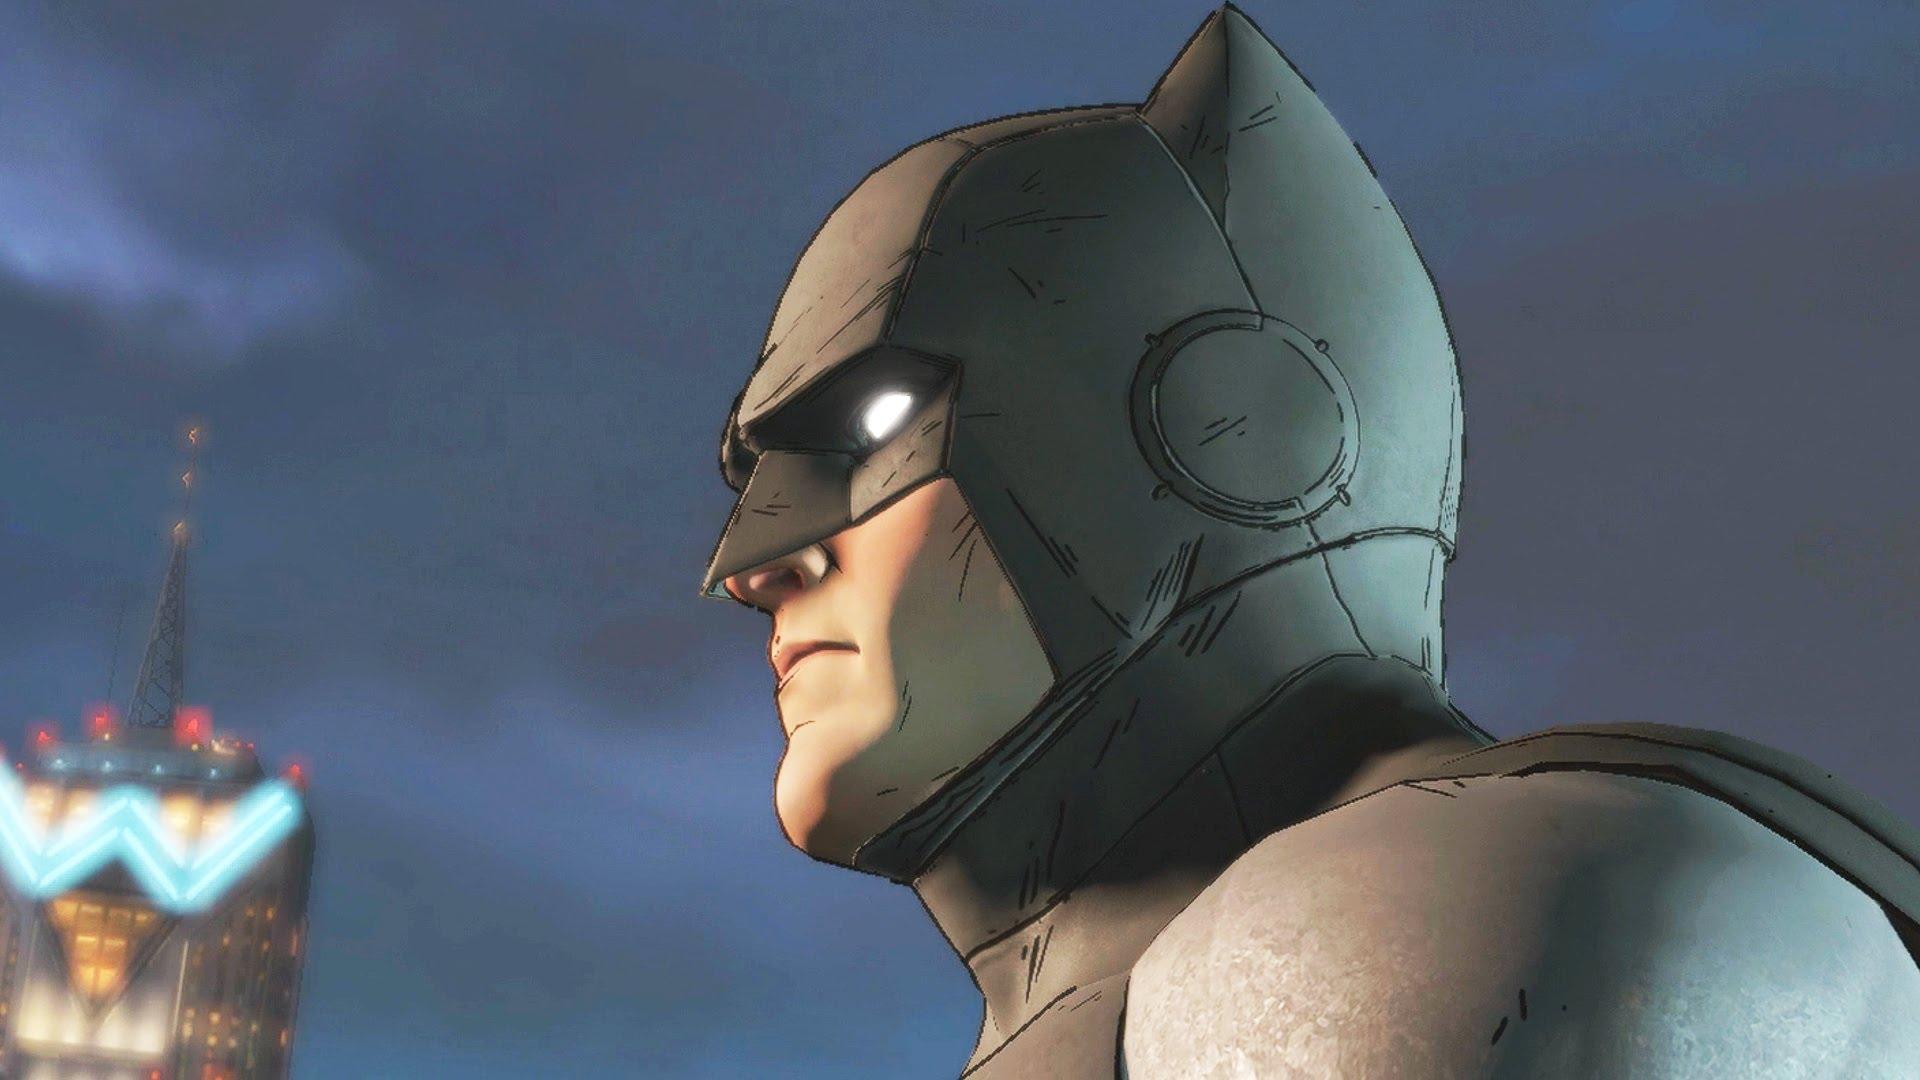 Batman Telltale Episode 2